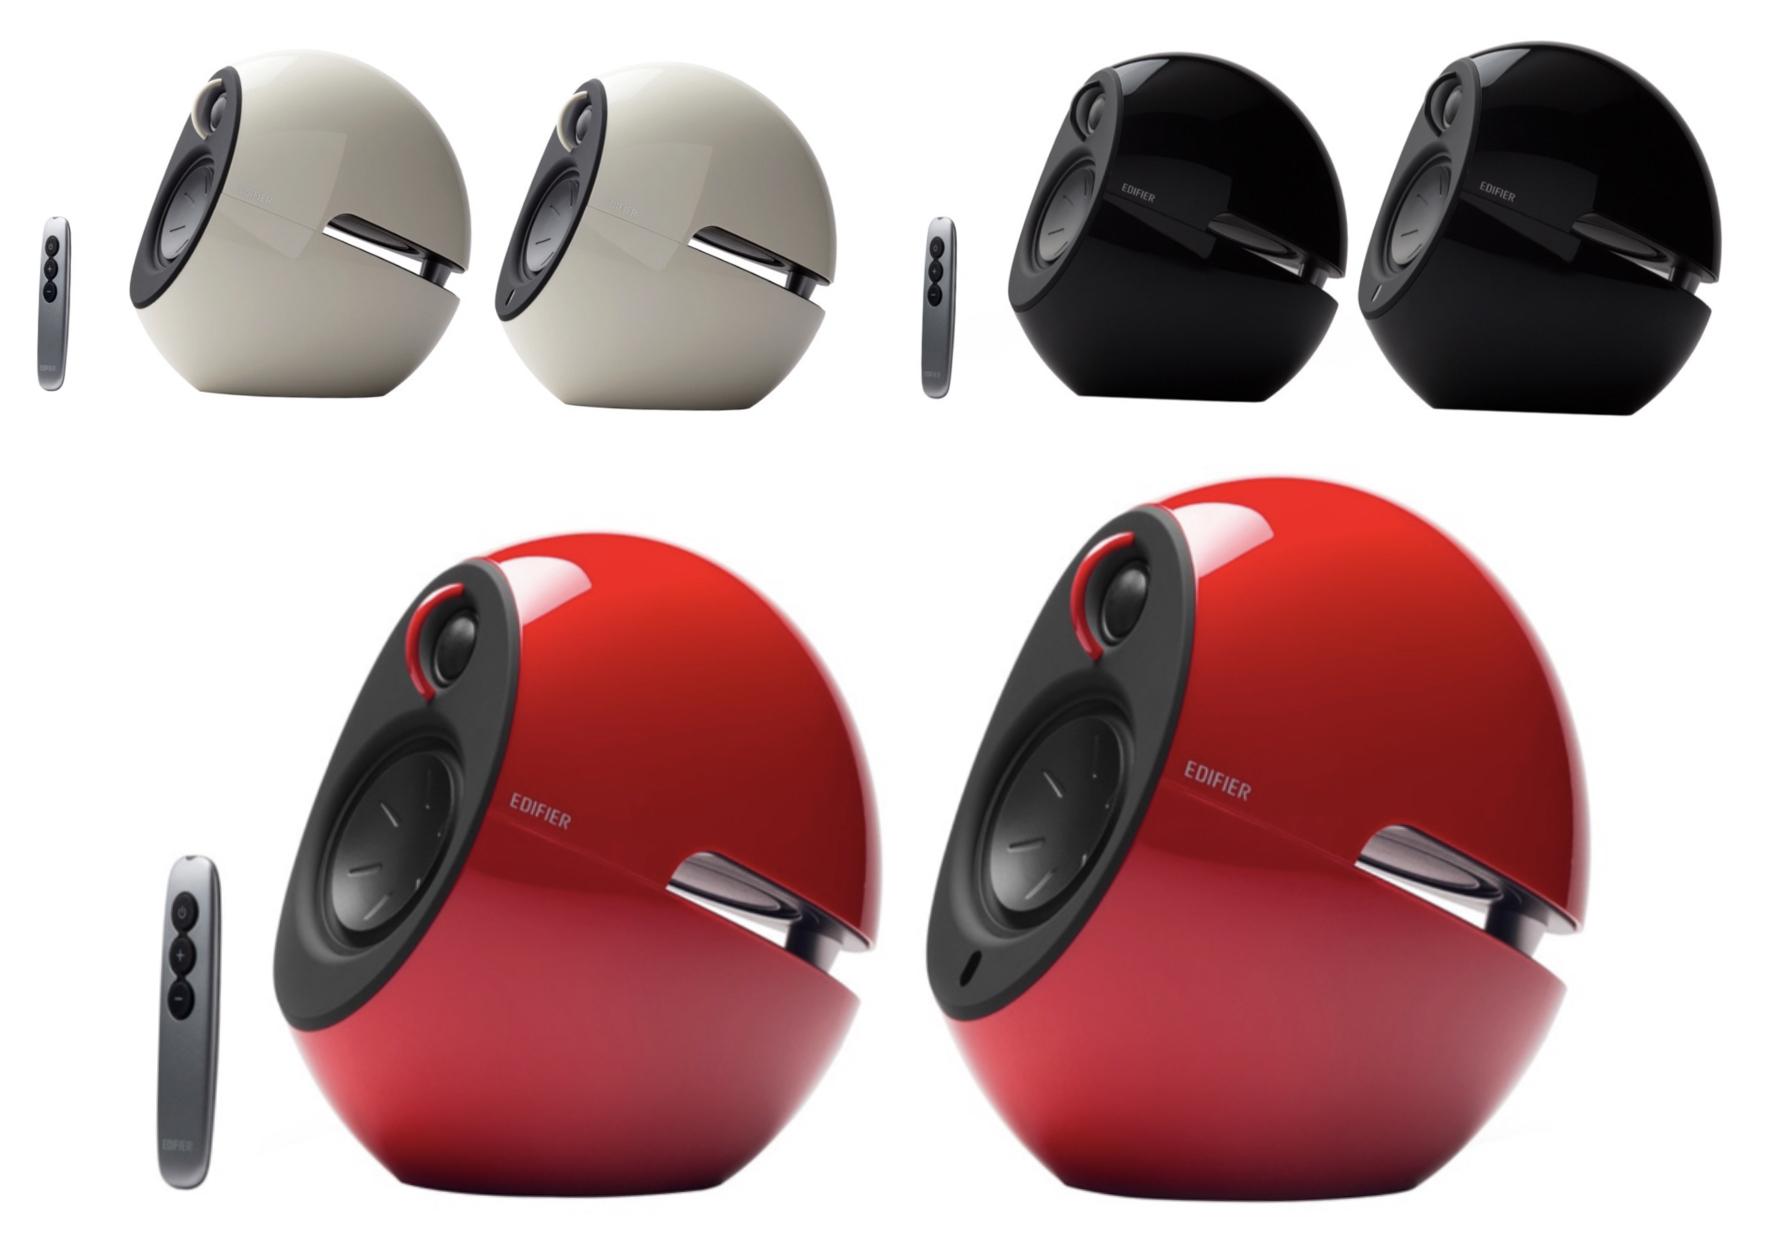 Edifier Luna Eclipse E25HD Design Aktivlautsprecher System mit Bluetooth-Konnektivität und Fernbedienung 3 Farben für 135,20€ inkl. Versand